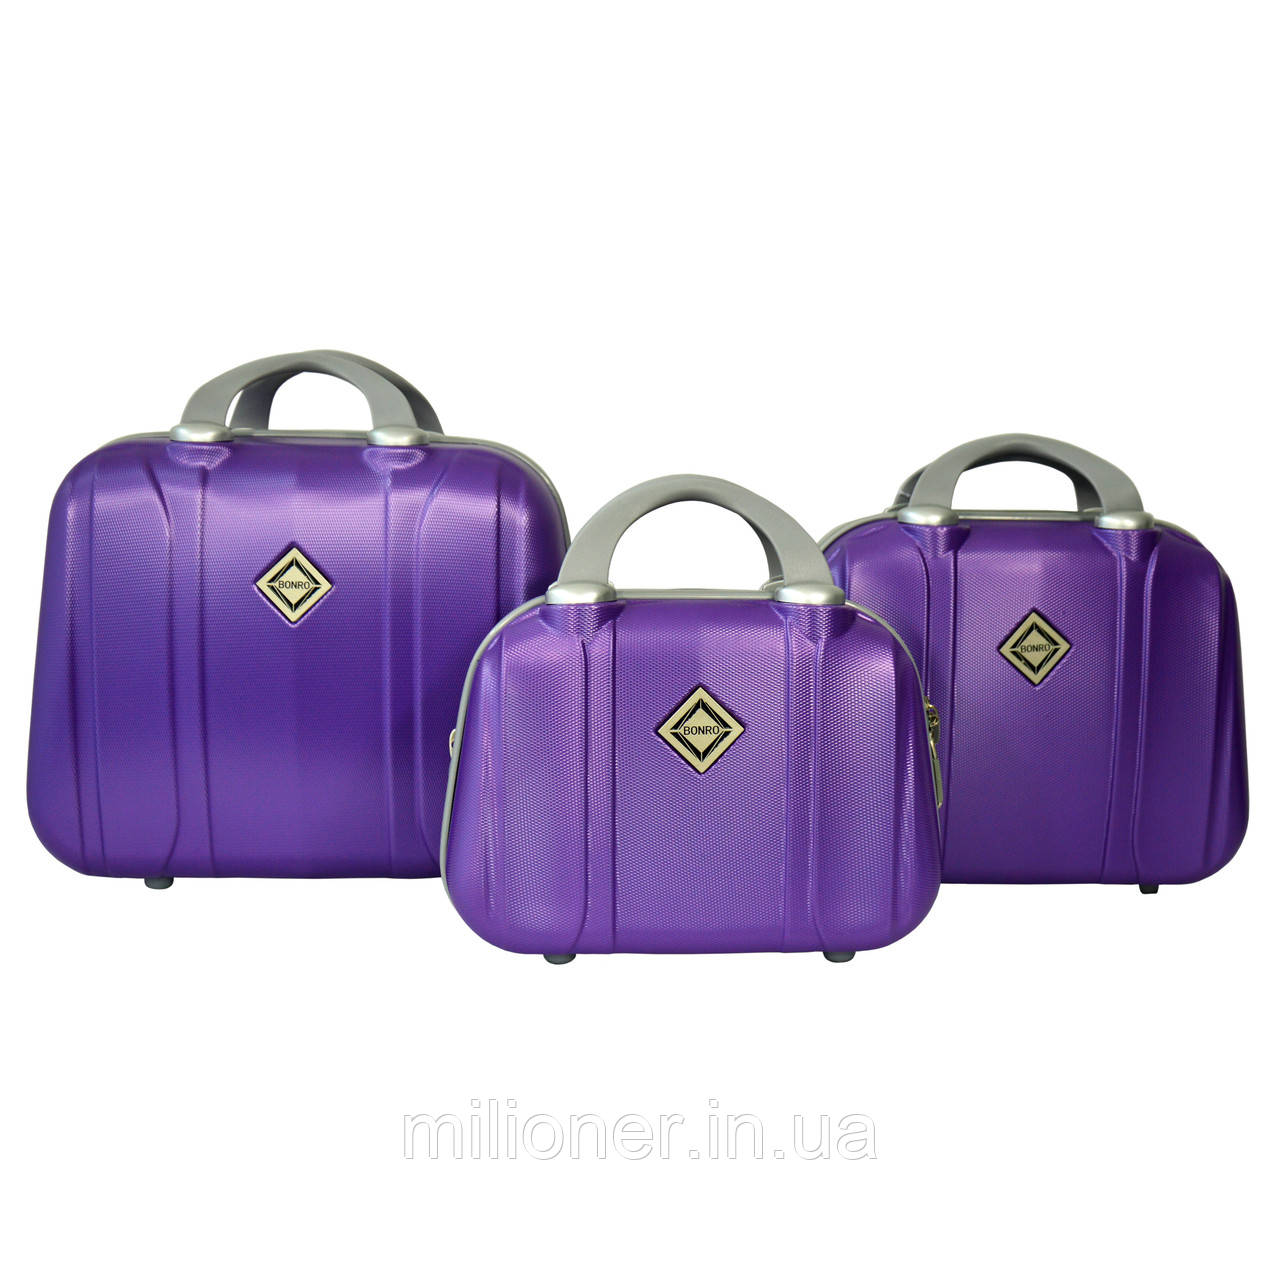 Сумка кейс саквояж 3в1 Bonro Smile фиолетовый (purple 612)